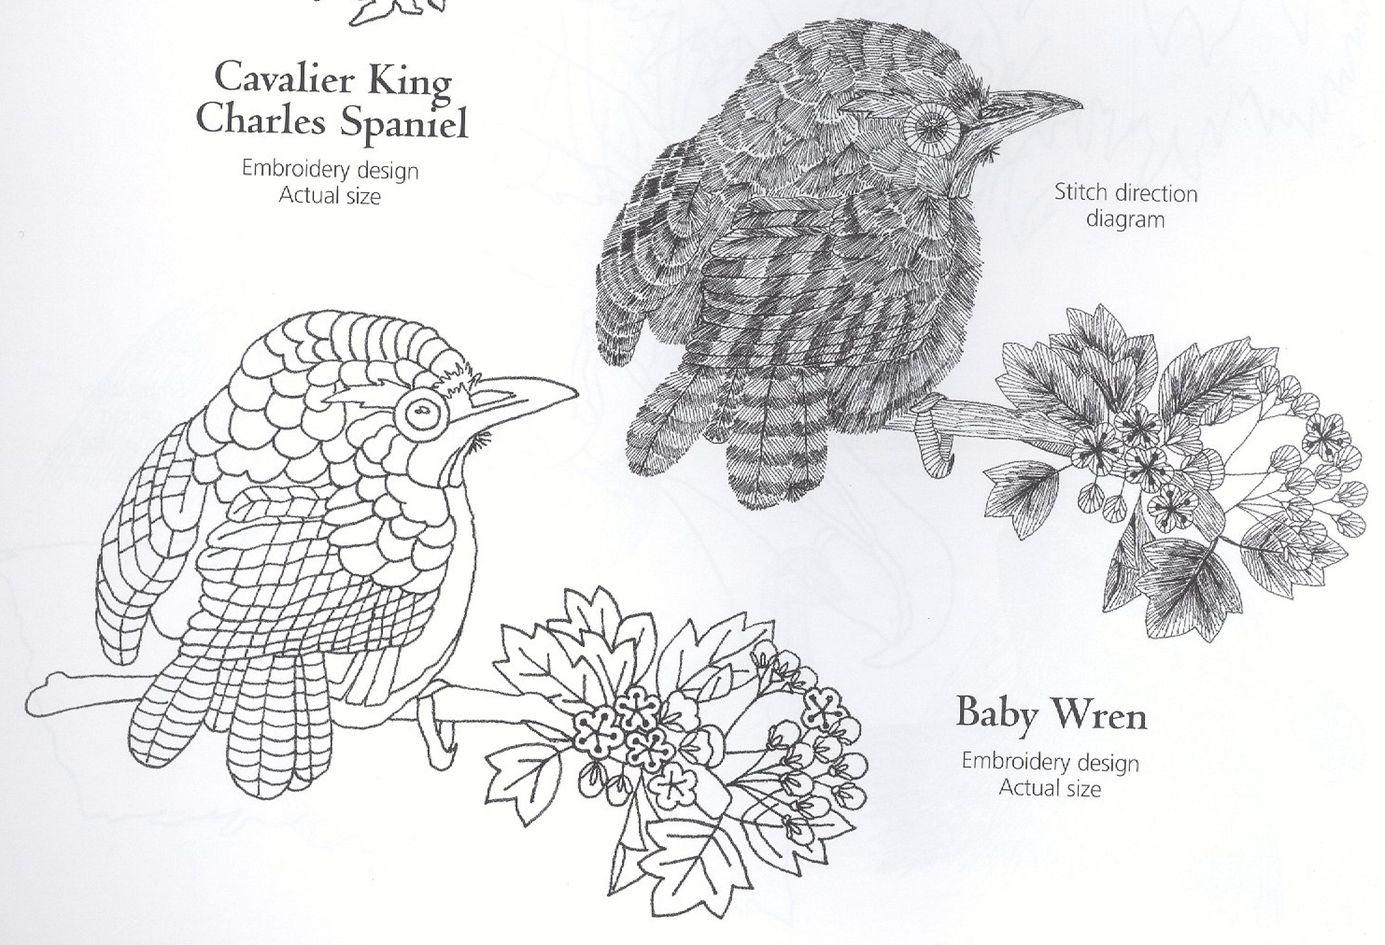 Schema for Bird embroidery design